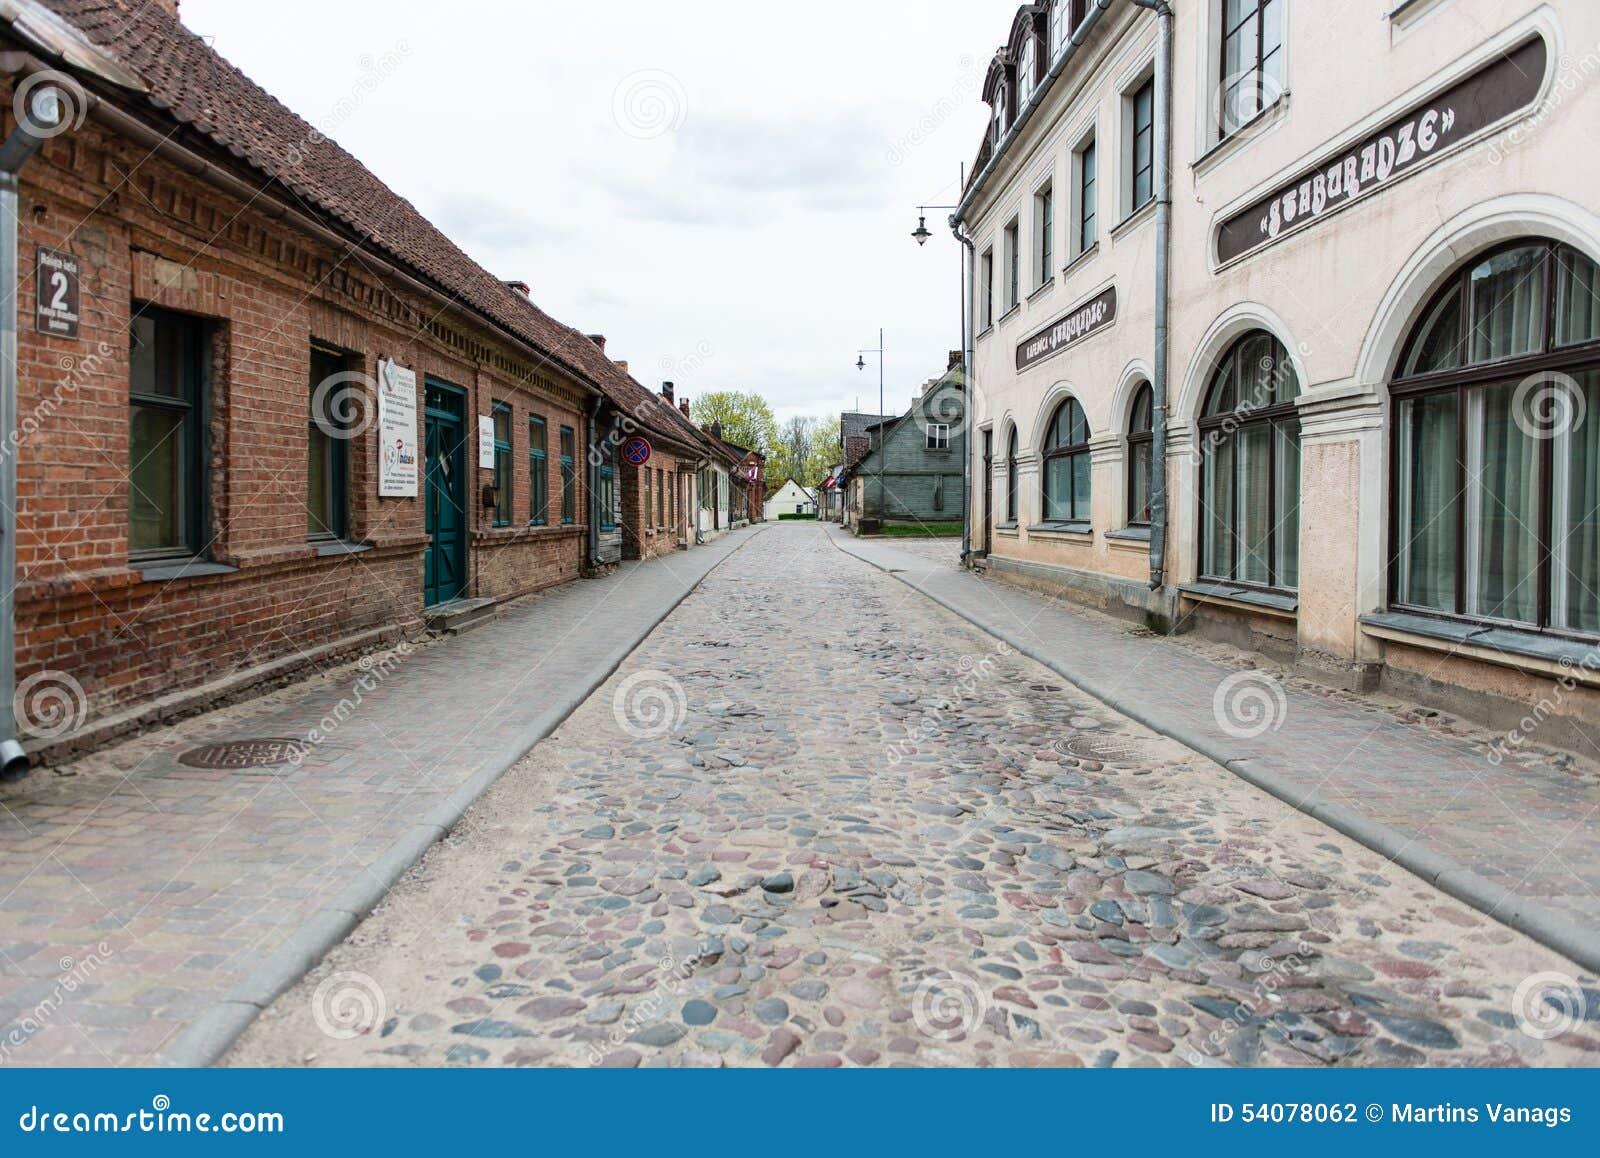 Historische gebouwen in oude stad van Kuldiga, Letland